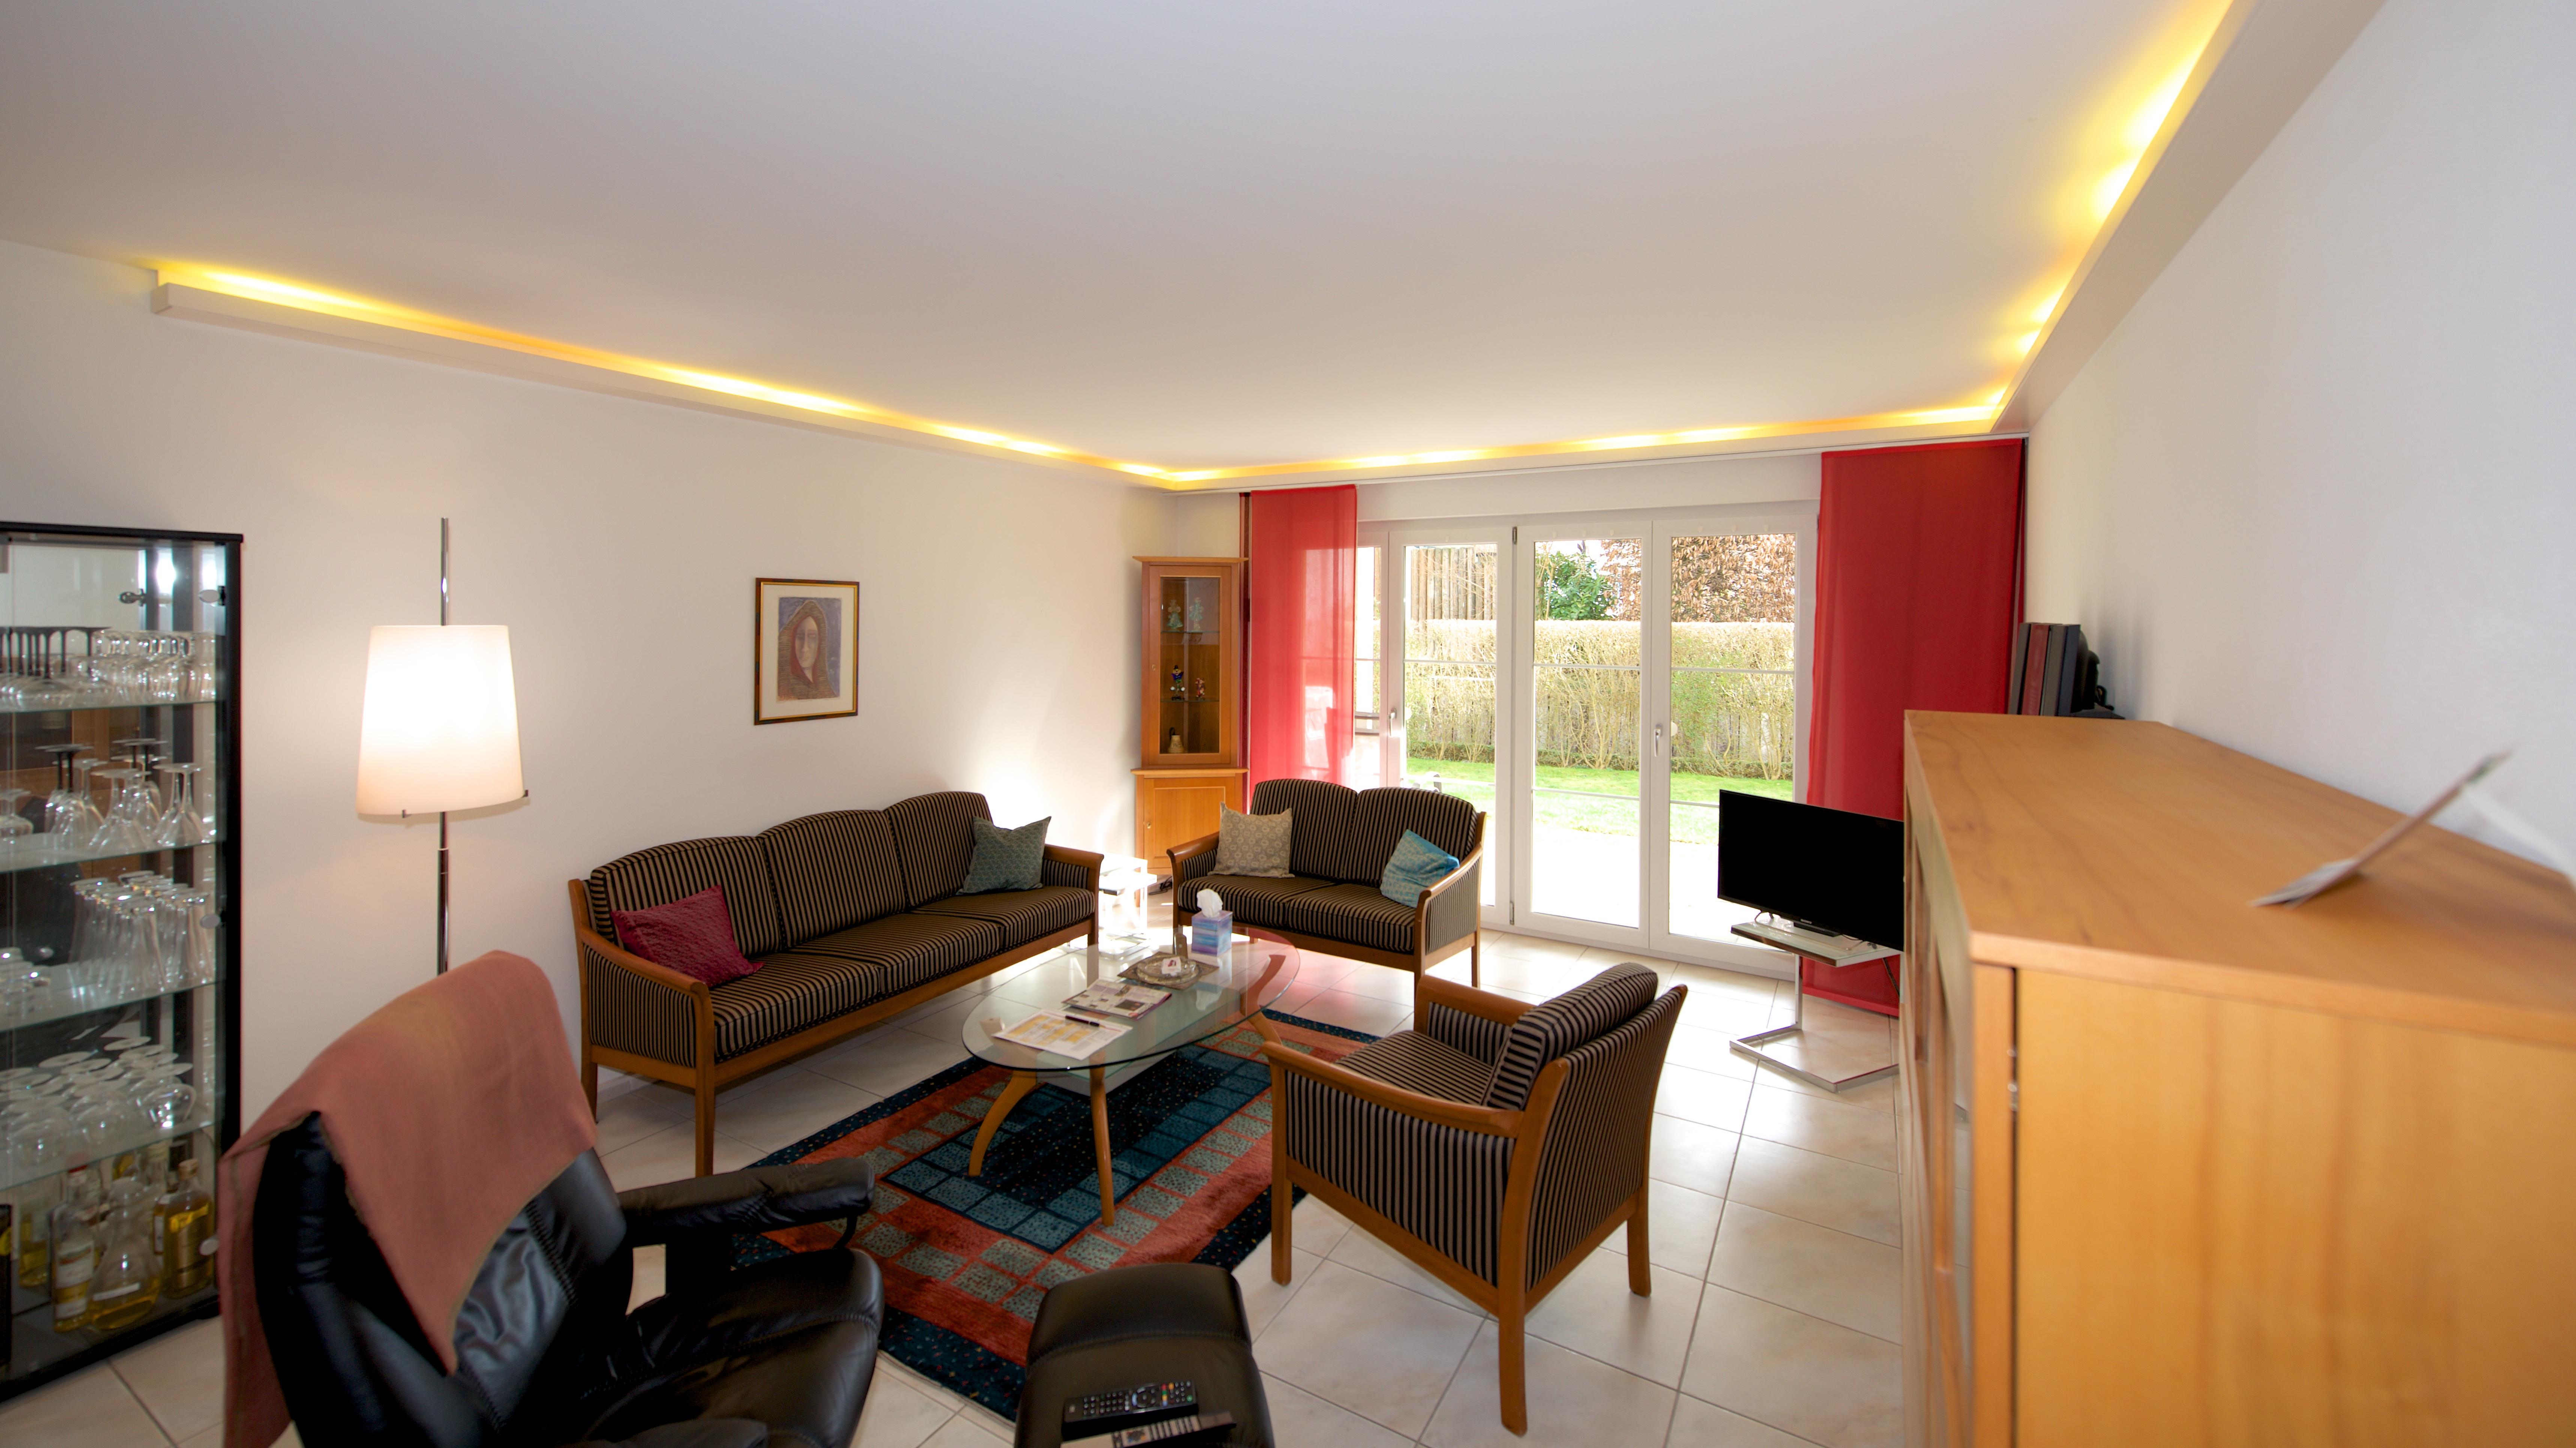 Wohnzimmer mit dem Sitzplatz